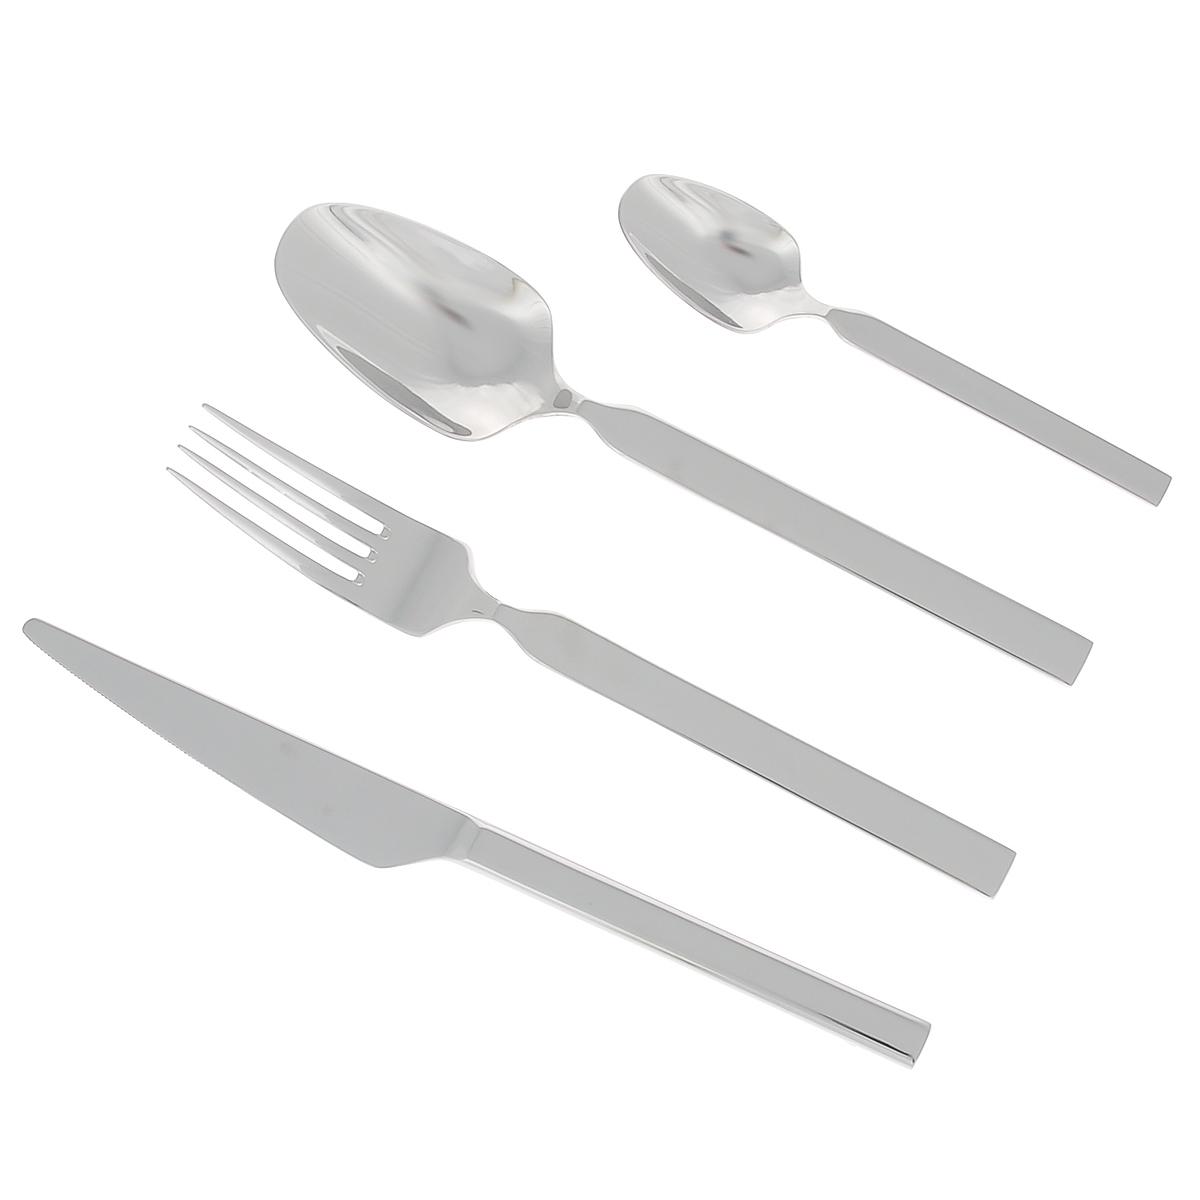 Набор столовых приборов Zanussi Bergamo, 24 предмета54 009312Набор столовых приборов Zanussi Bergamo состоит из 6 столовых ложек, 6 вилок, 6 ножей, 6 чайных ложек. Набор выполнен из нержавеющей стали 18/10 с полировкой до зеркального блеска. Рукоятки простой конструкции имеют уникальный элегантный изгиб. Можно мыть в посудомоечной машине.